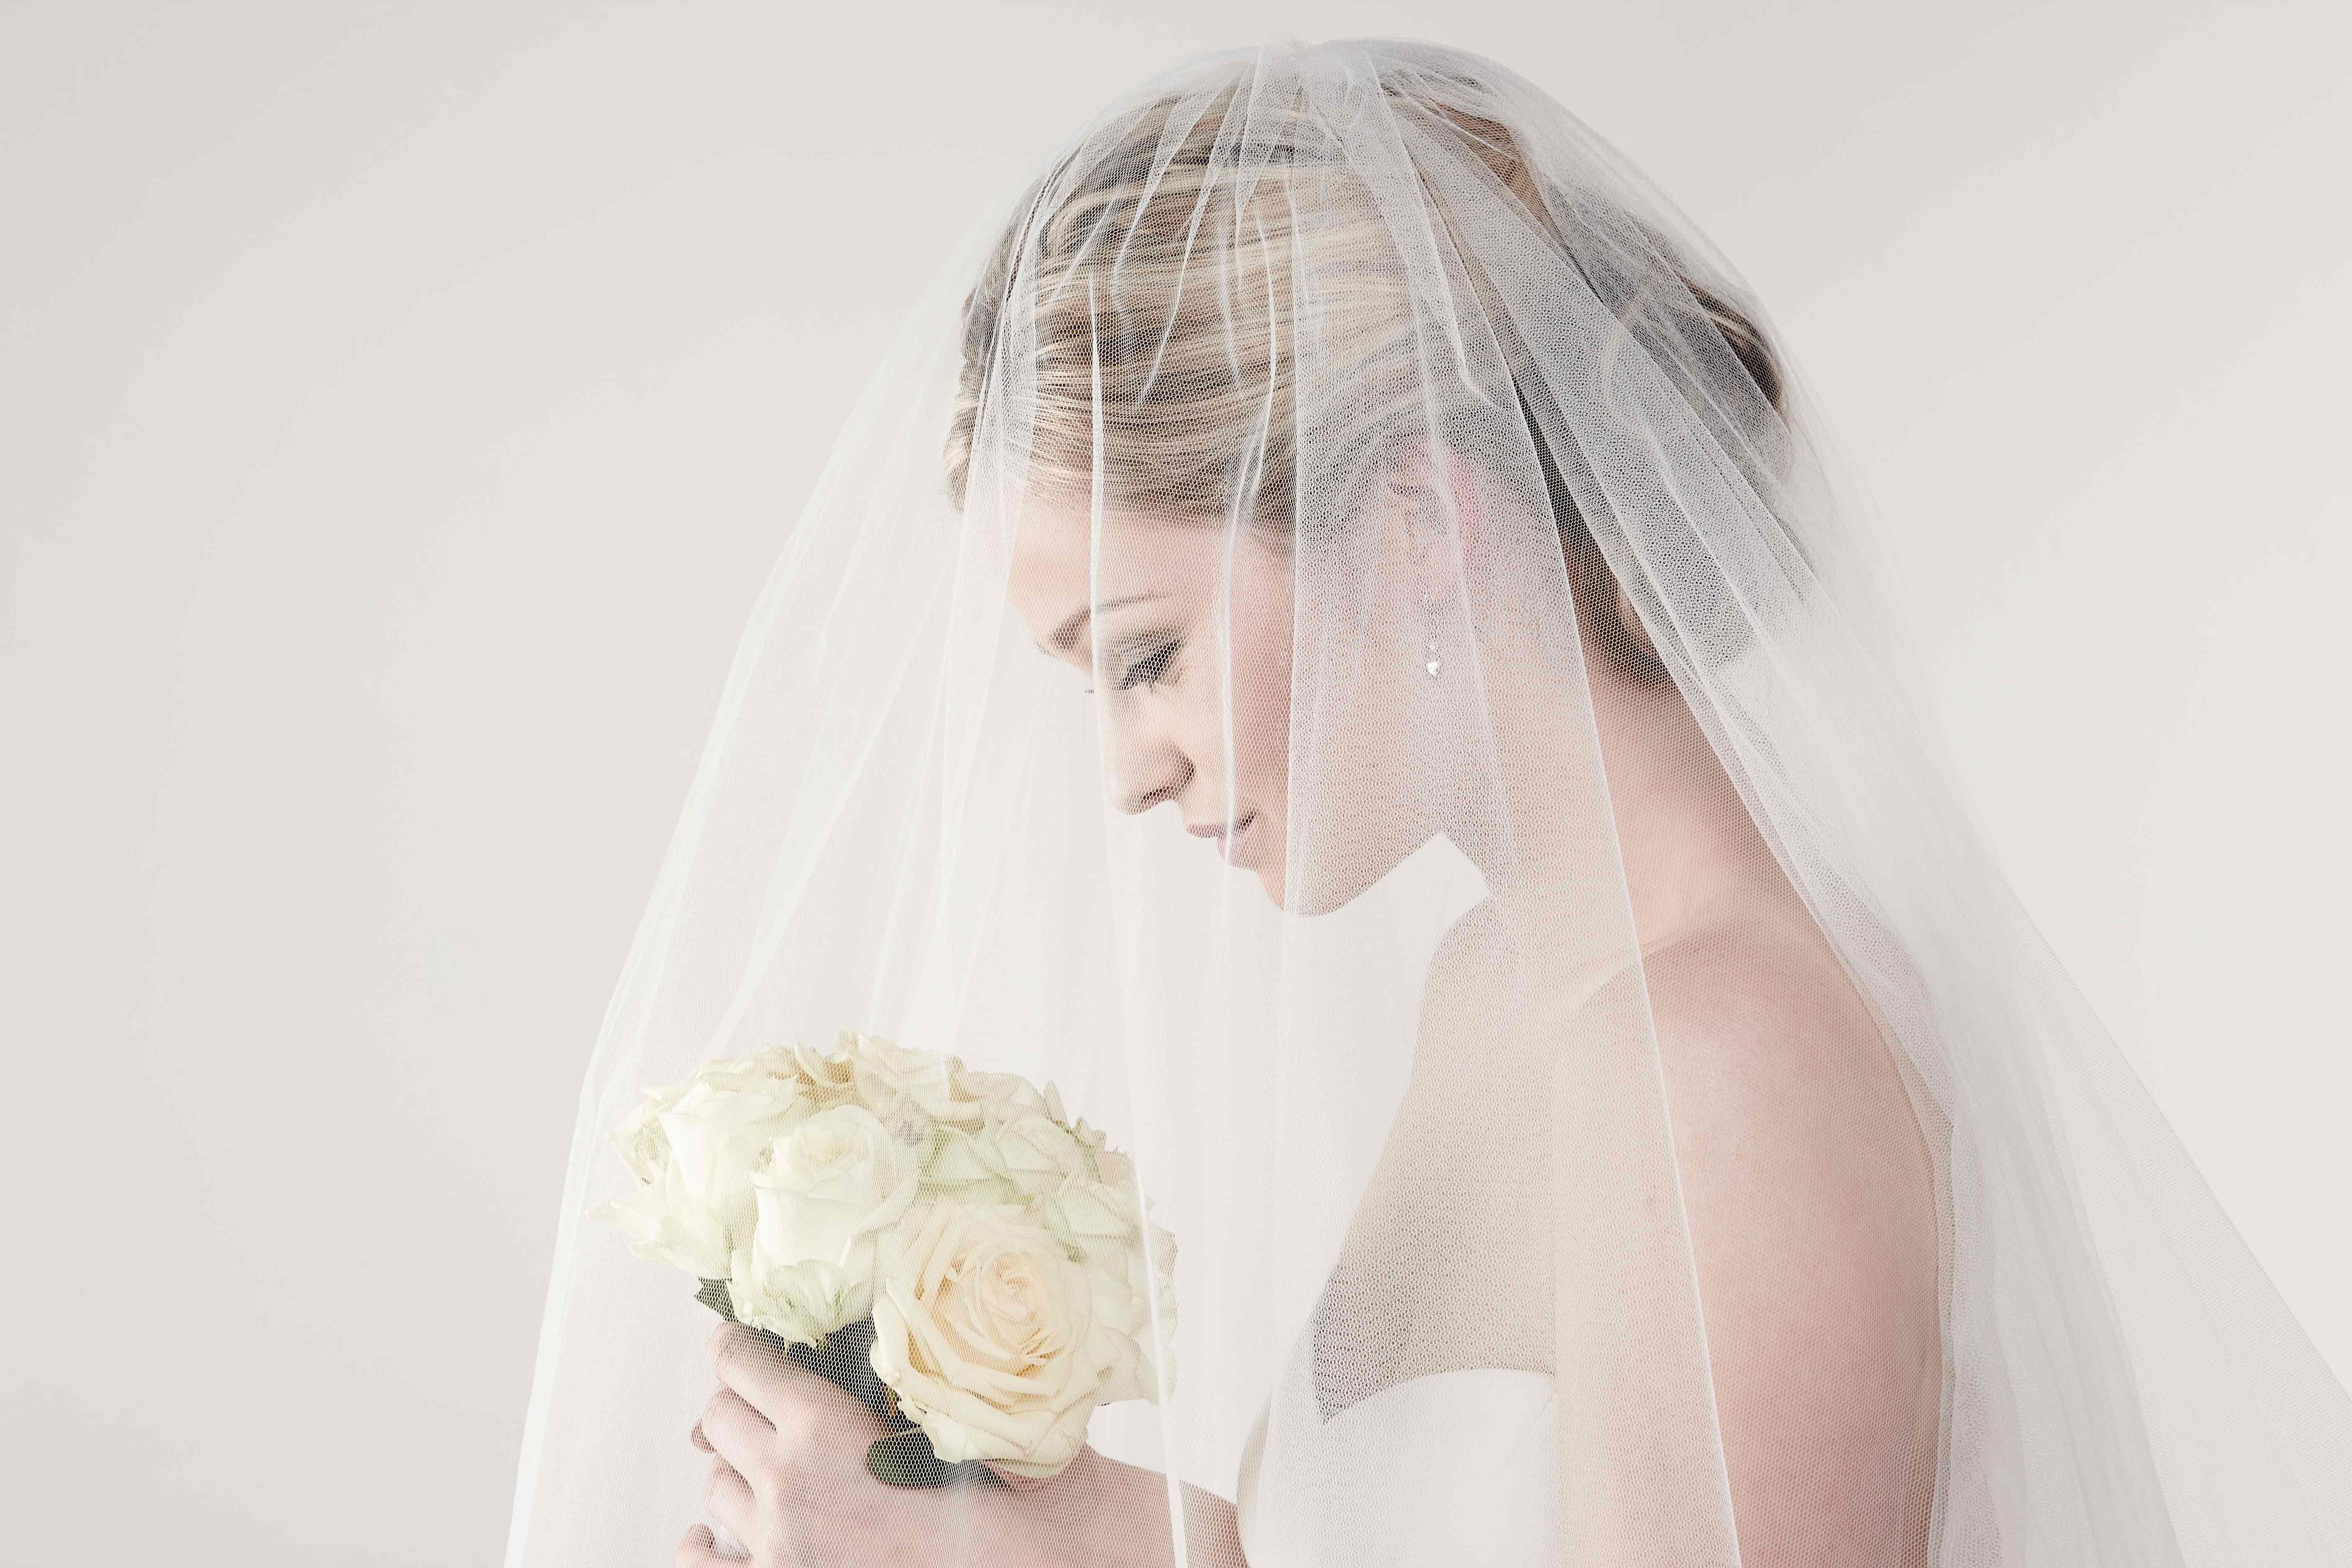 صورة إطلالات جديدة للعروسة للإستغناء عن الطرحة..اختاري ما يناسبك